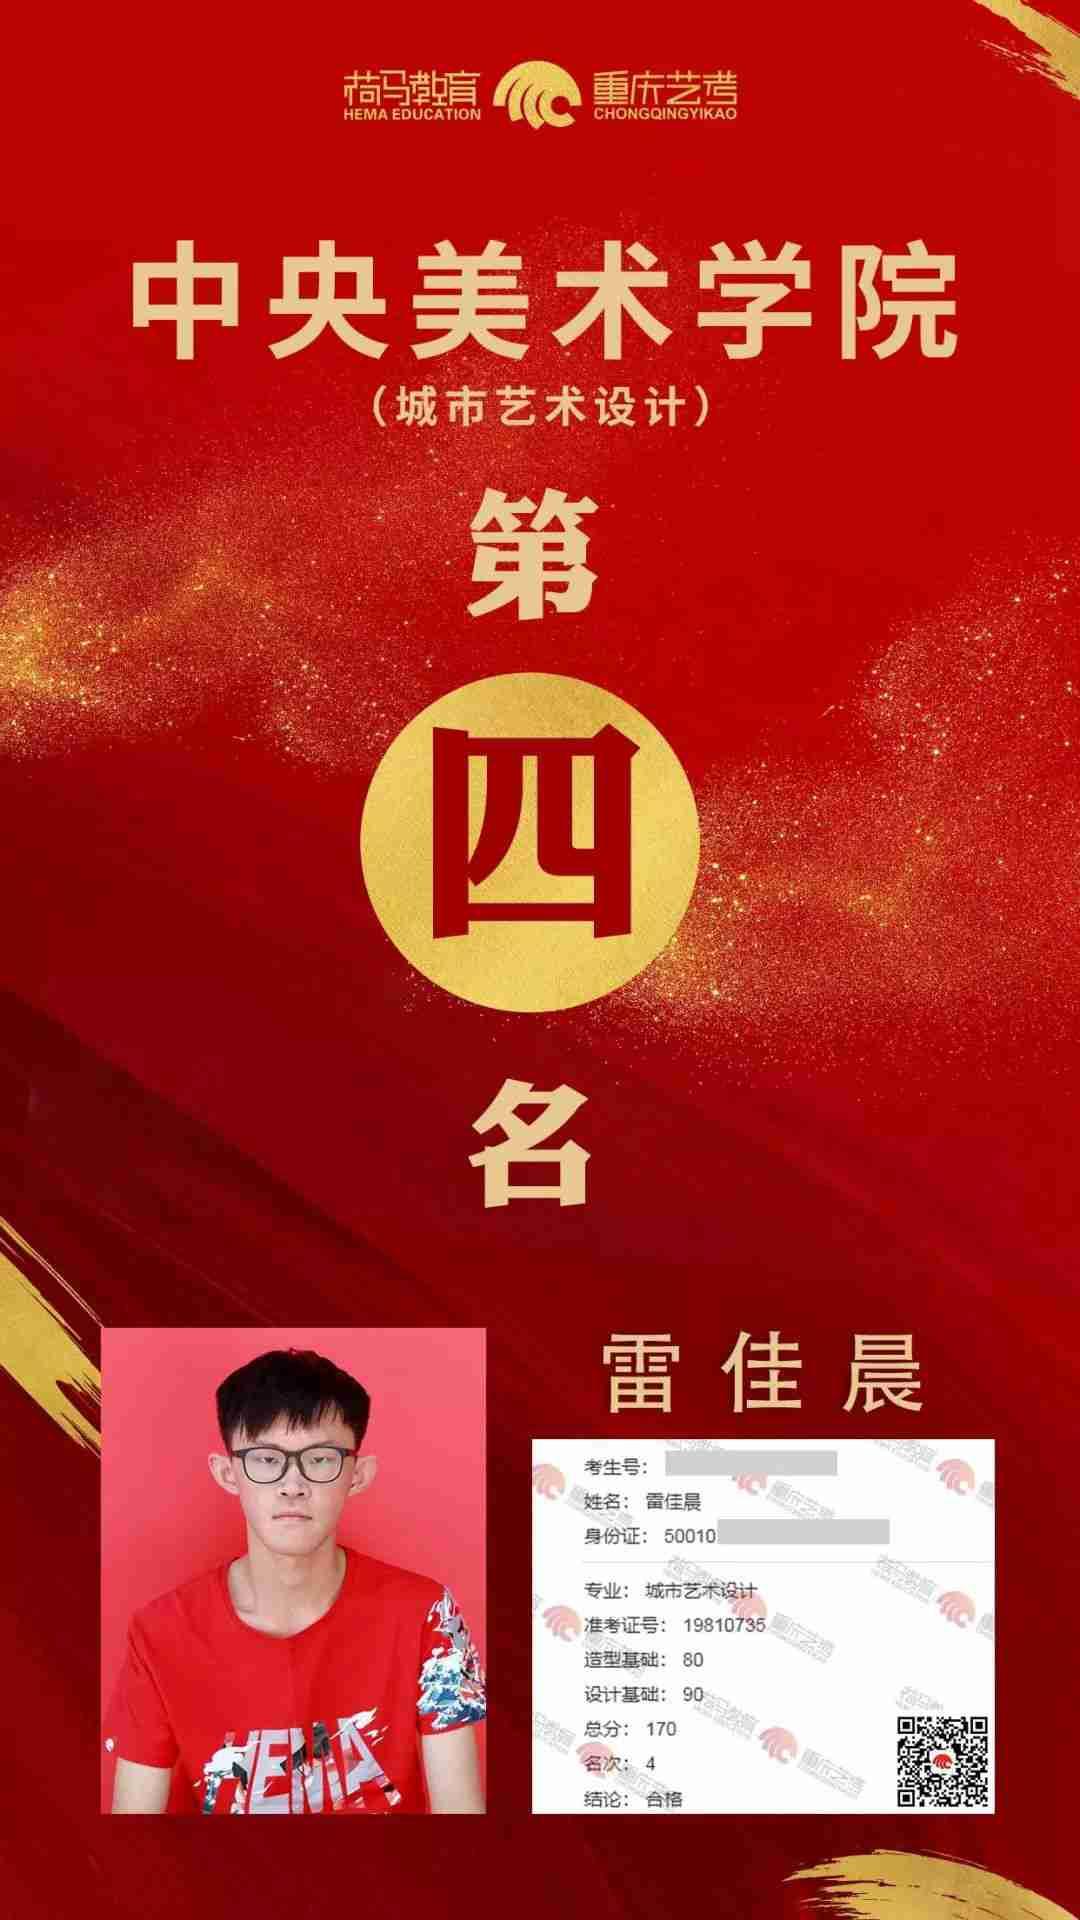 荷马画室2019年【校考成绩汇总】,傲视西南,遥遥领先十二年